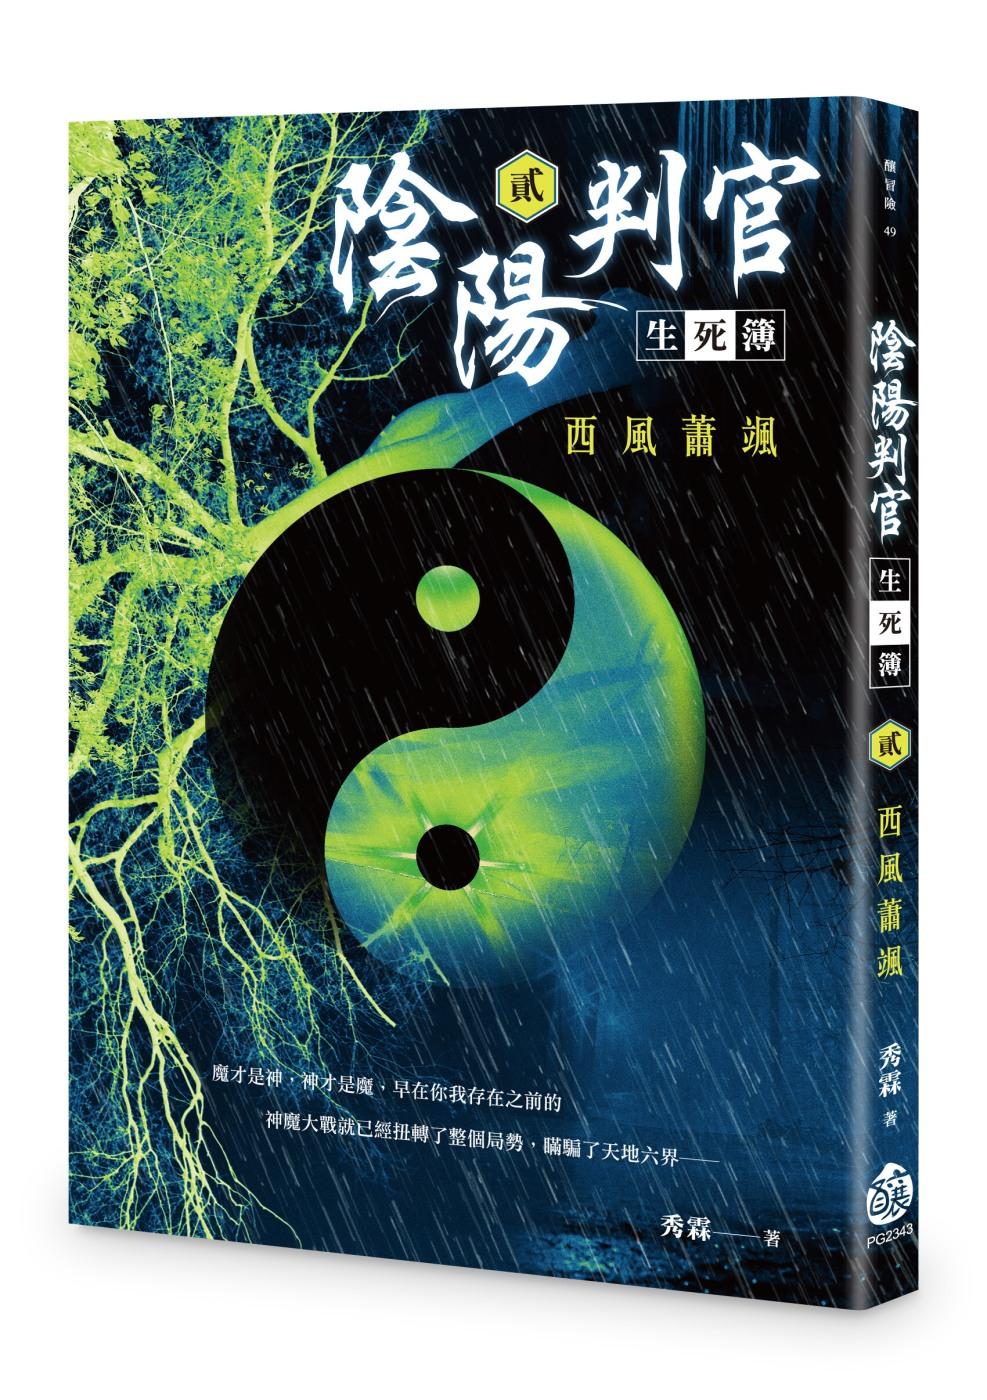 陰陽判官生死簿(貳):西風蕭颯